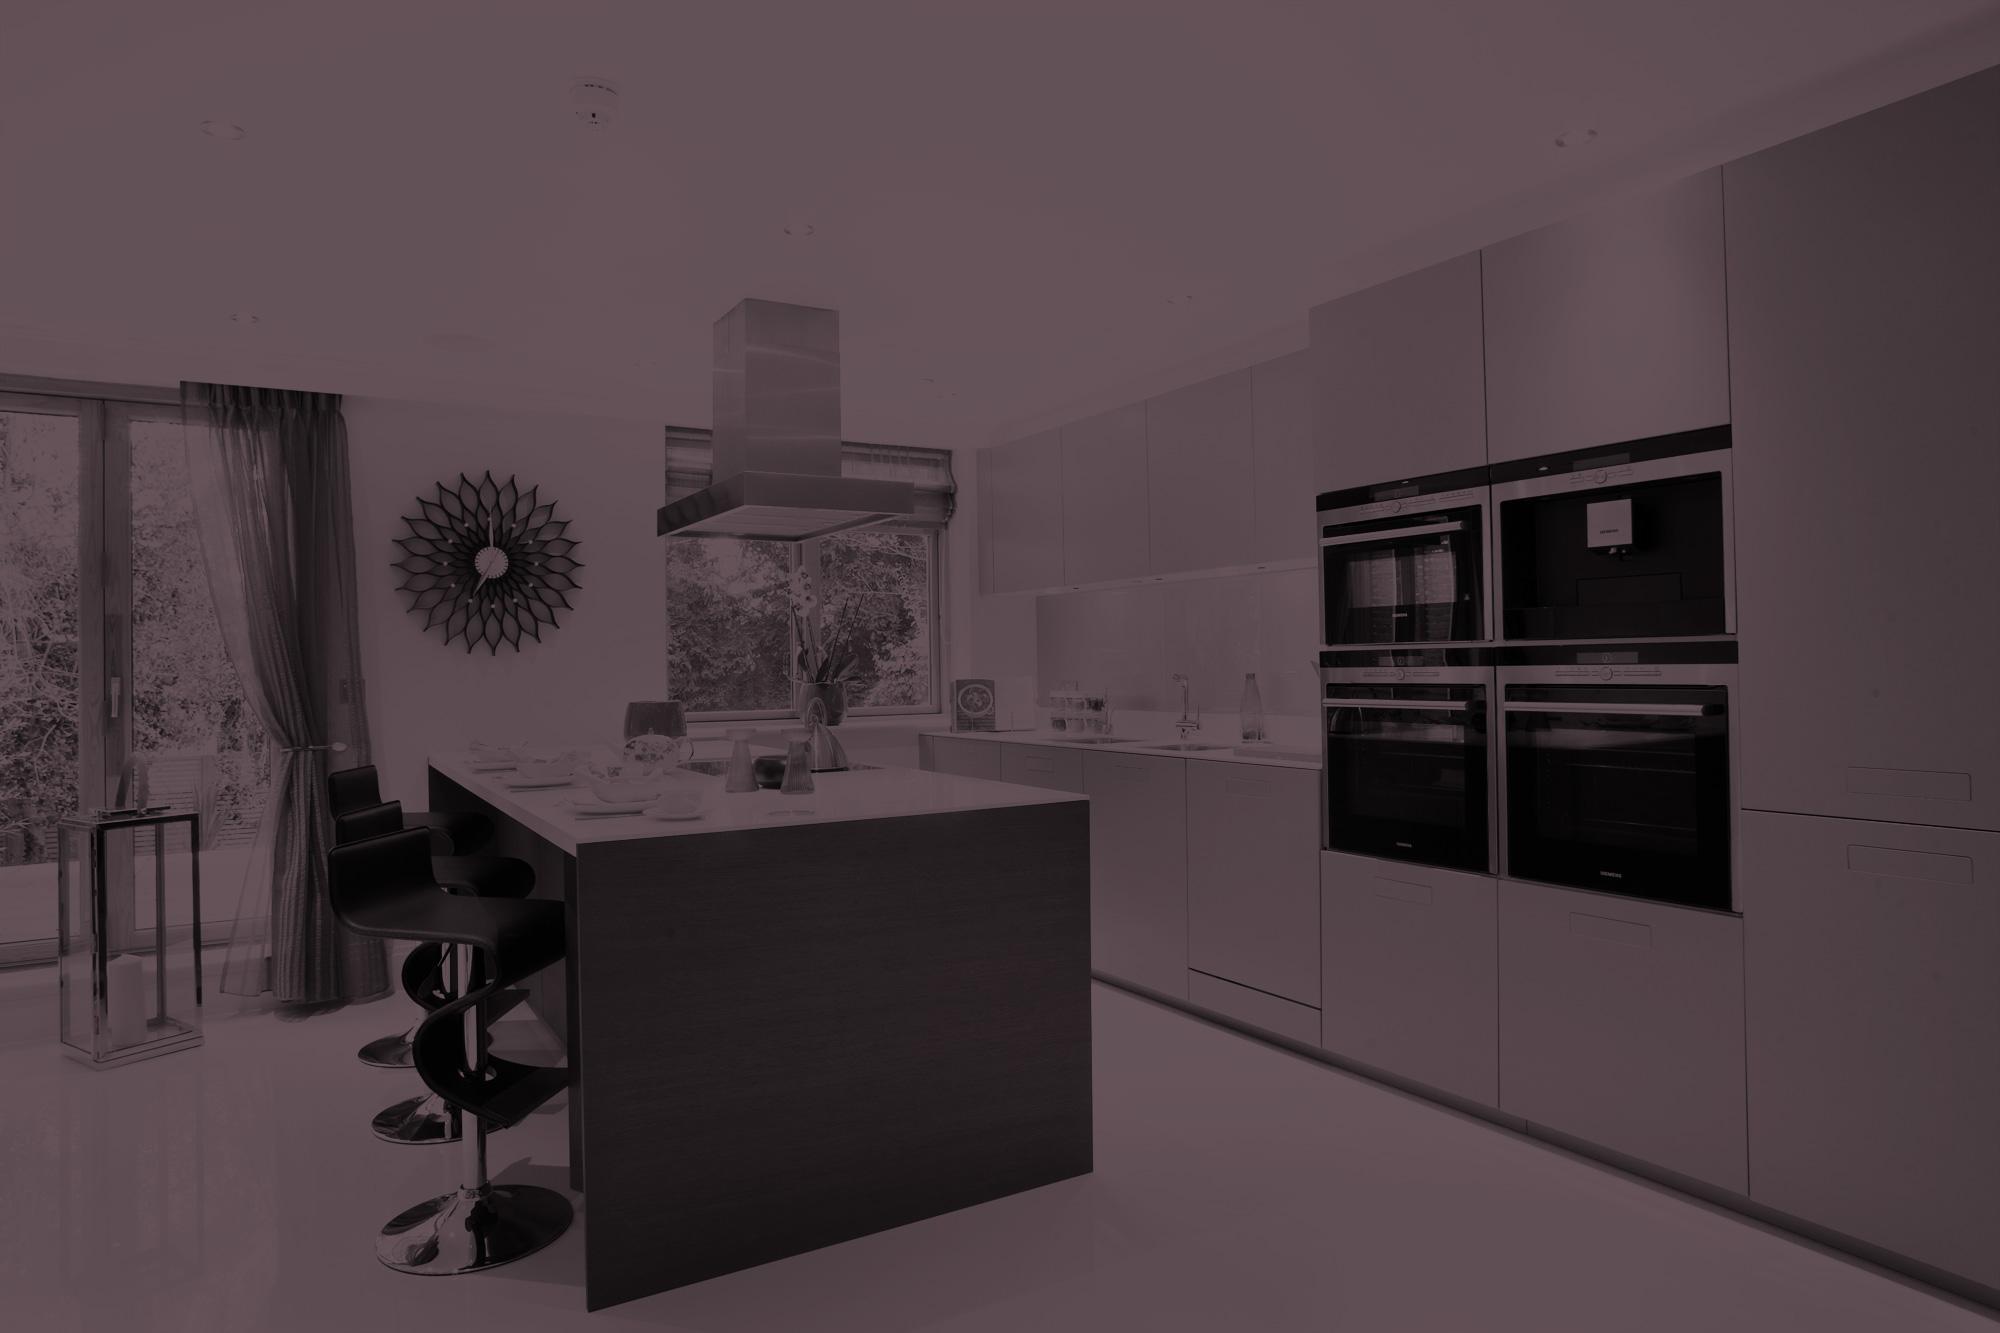 CAWD_CityandWest_Kitchen1